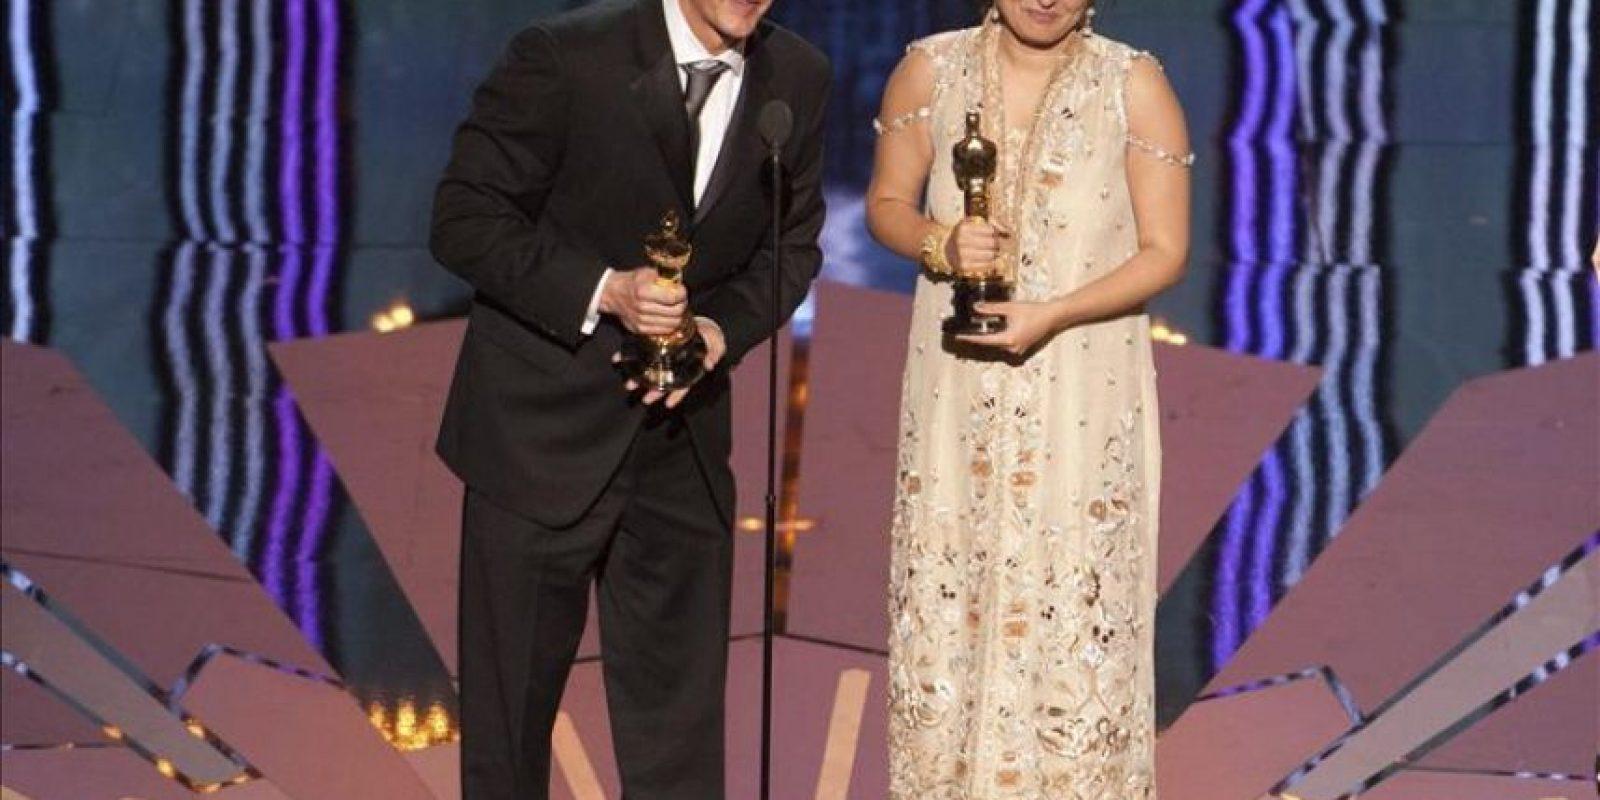 """Foto facilitada por la Academia de Arte y Ciencias Cinematográficas de Hollywood (AMPAS) que muestra a Daniel Junge y Sharmeen Obaid-Chinoy tras recibir el galardón al mejor corto documental corto documental por """"Saving face"""", durante la 84 edición de la ceremonia de entrega de los Premios Óscar en Hollywood, California (EE.UU.), el 26 de febrero de 2012. EFE"""